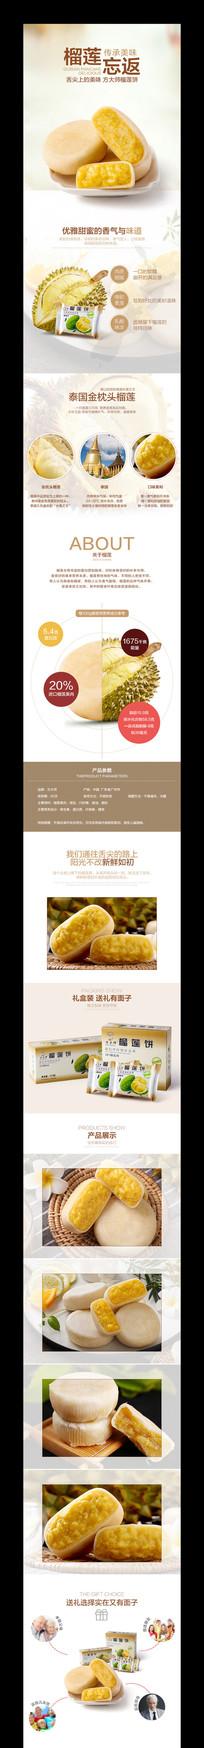 淘宝天猫馅饼详情页描述图模板